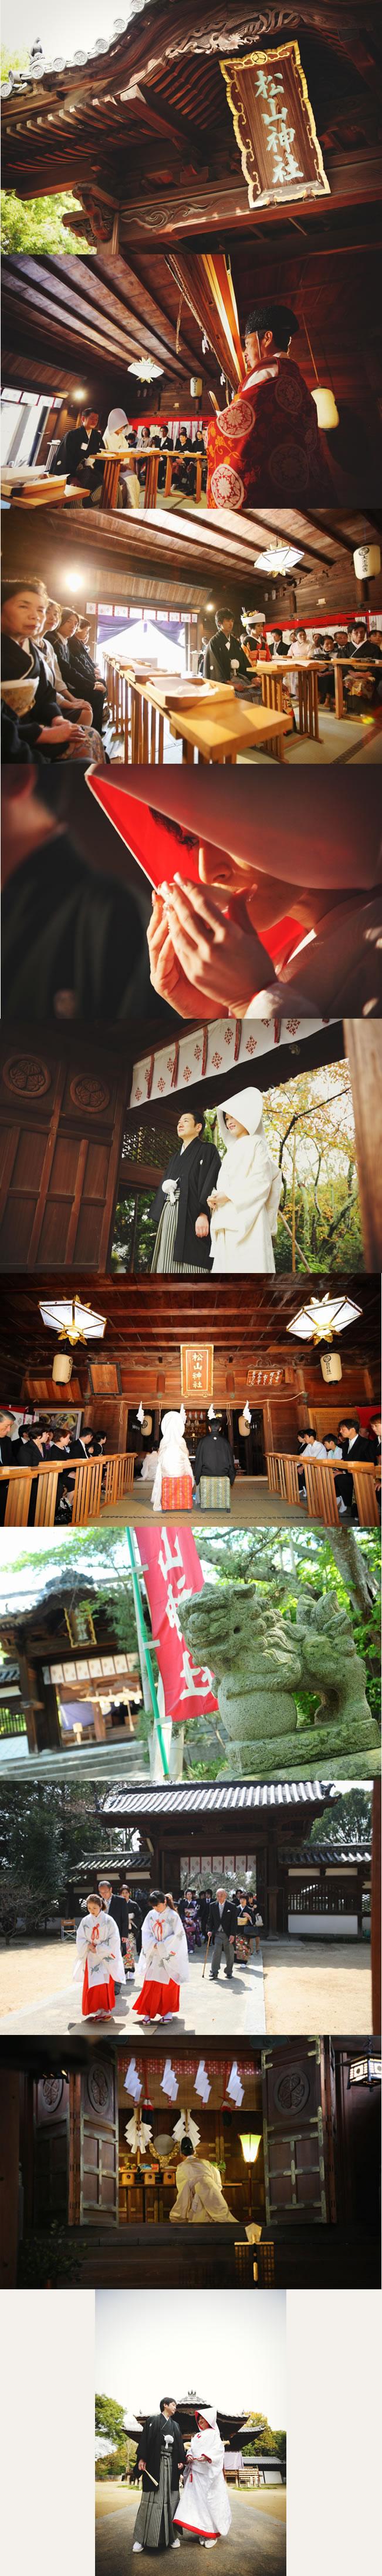 松山神社フォトギャラリー